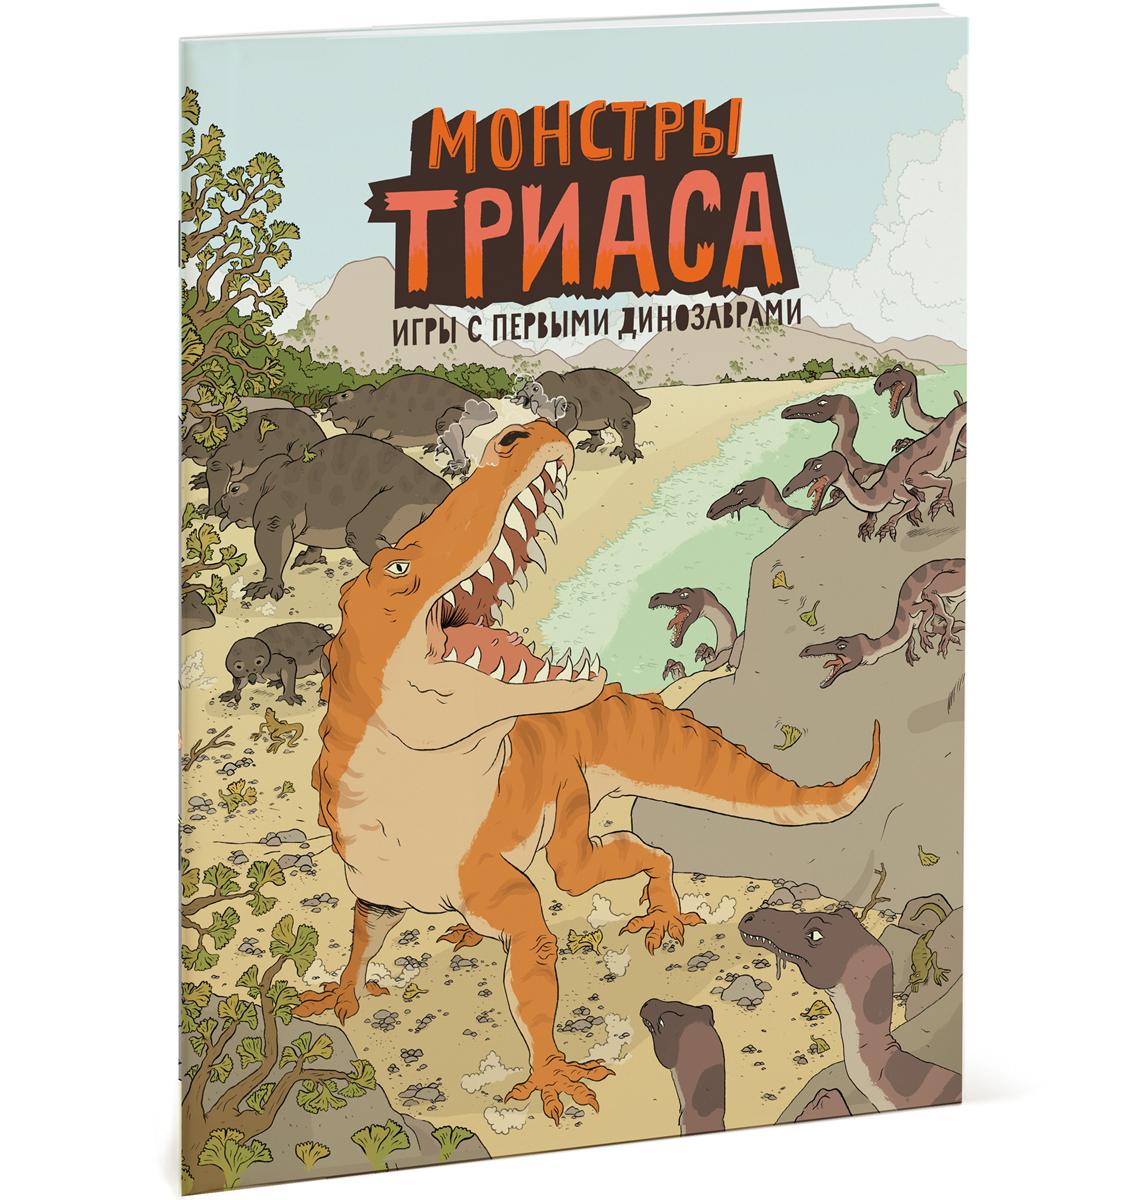 Монстры триаса. Игры с первыми динозаврами12296407О чем эта книга Приготовьтесь отправиться в захватывающее путешествие в эпоху триаса ? во времена, когда воды мирового океана омывали один единственный суперконтинент Пангею, а Землю населяли ужасные монстры: предки современных крокодилов ? псевдозухии, прародители млекопитающих ? синапсиды и самые первые динозавры! На кого были похожи ранние динозавры? Как они выглядели, чем питались и какой вели образ жизни? Кто из них жил на суше, кто в воде, а кто первым освоил небеса? Эта активити-книга с веселыми заданиями и увлекательными играми познакомит вашего ребенка с триасовым периодом и расскажет о том, какие животные населяли нашу планету 250 миллионов лет назад. Фишка книги В этой книге есть игры, в которые можно играть большой компанией и после прочтения: игра-ходилка и игра-рыбалка! Почему мы решили издать эту книгу Эта книга ? одна из серии познавательных активити-книг, которые мы выпускаем для любознательных детей. Играя, рисуя, решая...